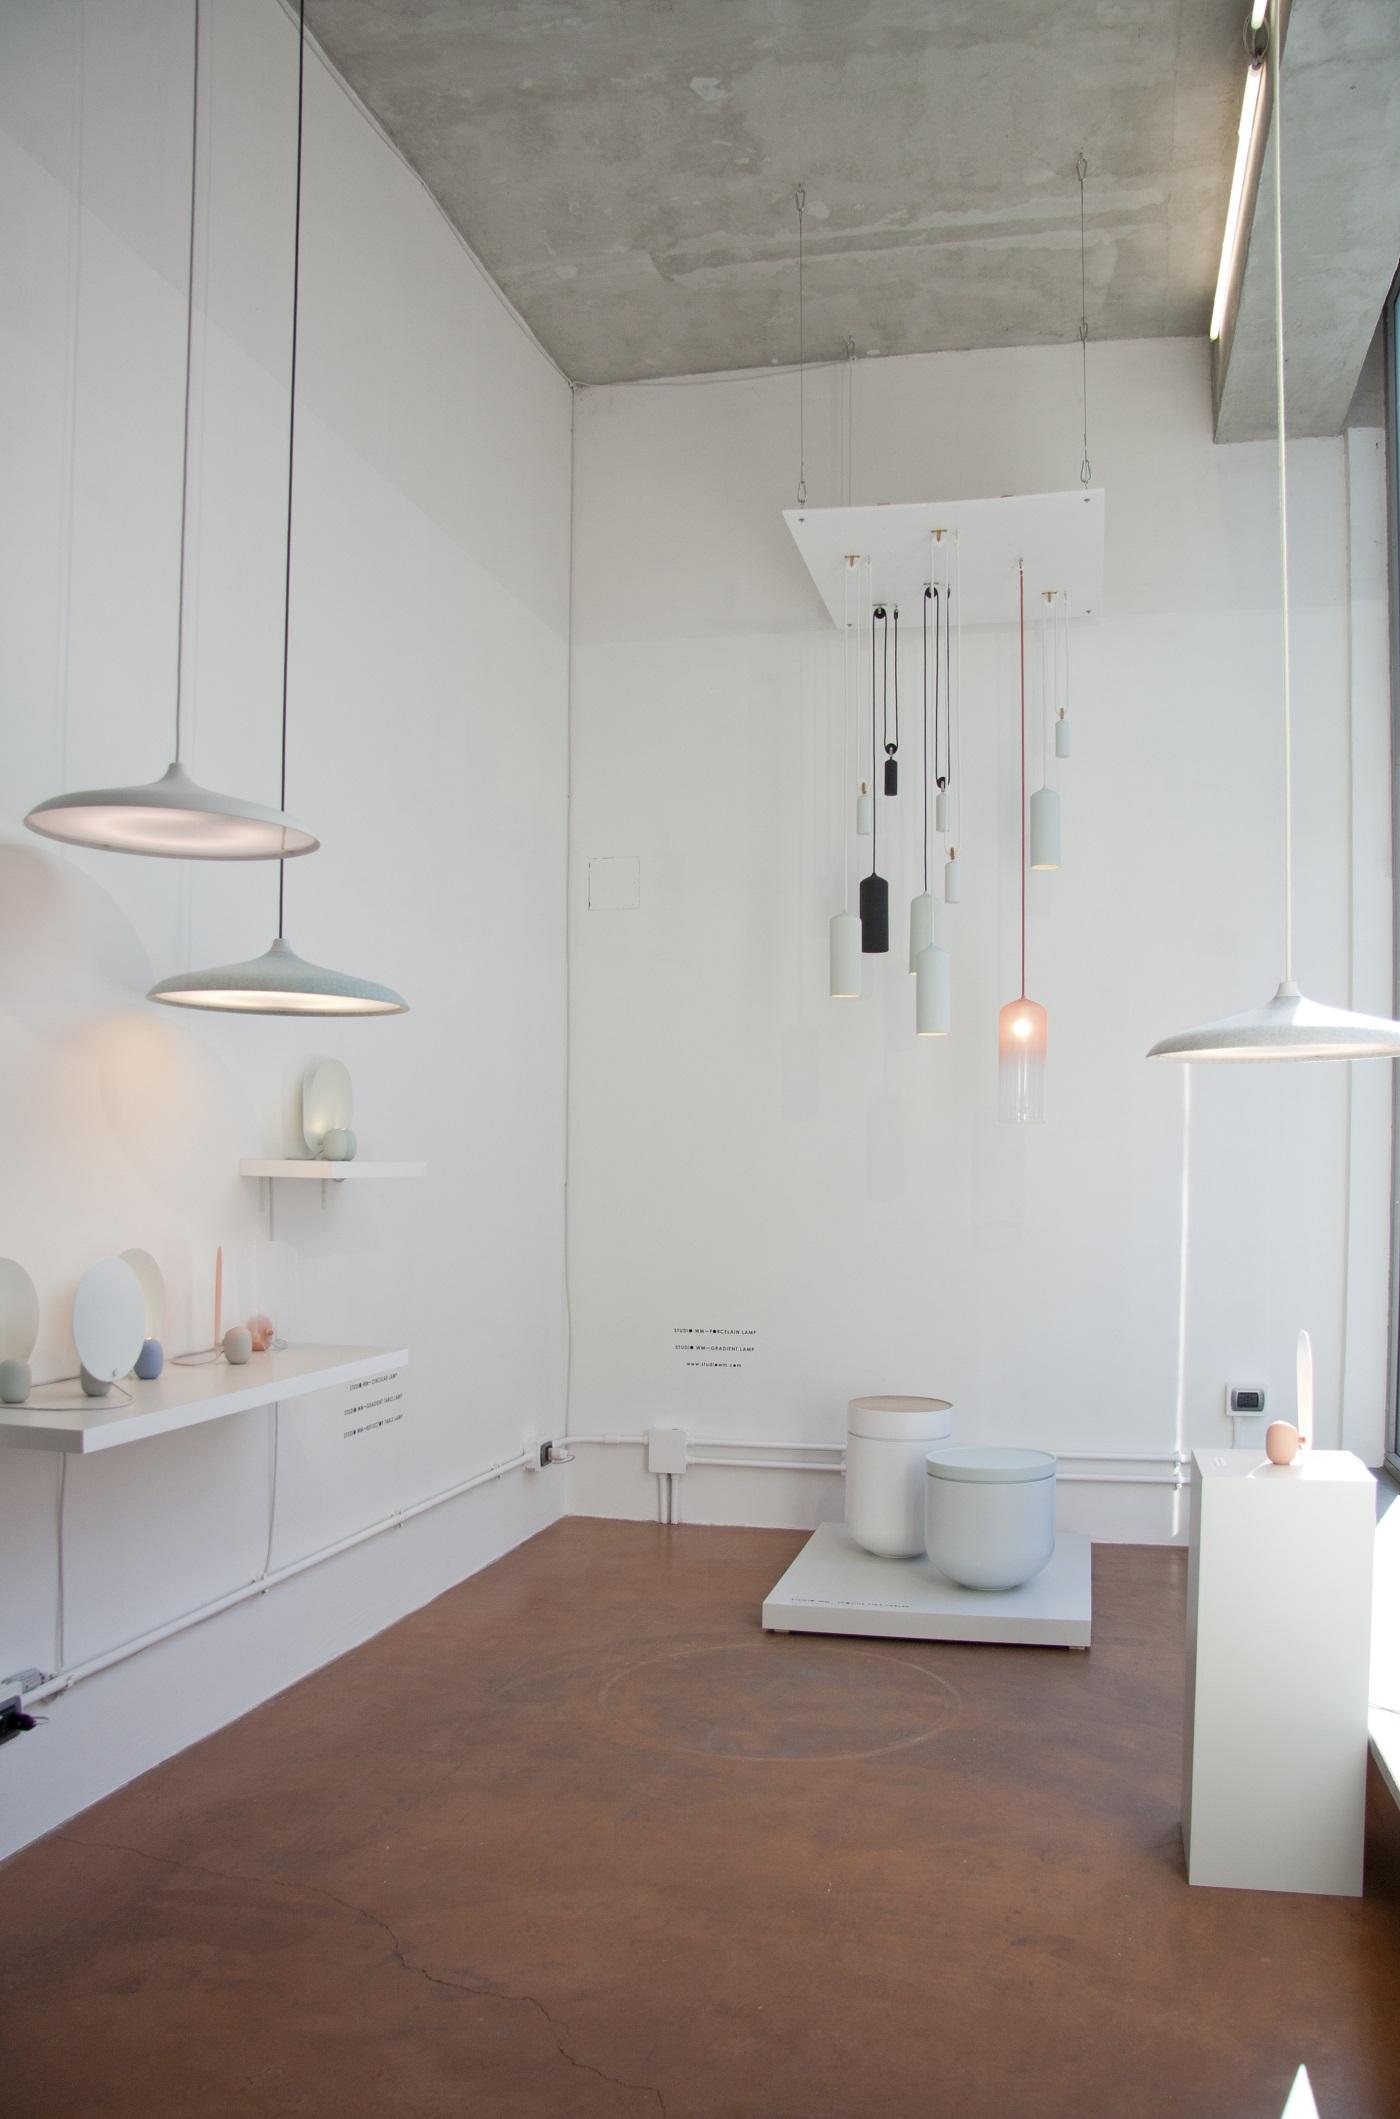 Troche bijzettafels en Circular lamp van Studio WM in Milaan